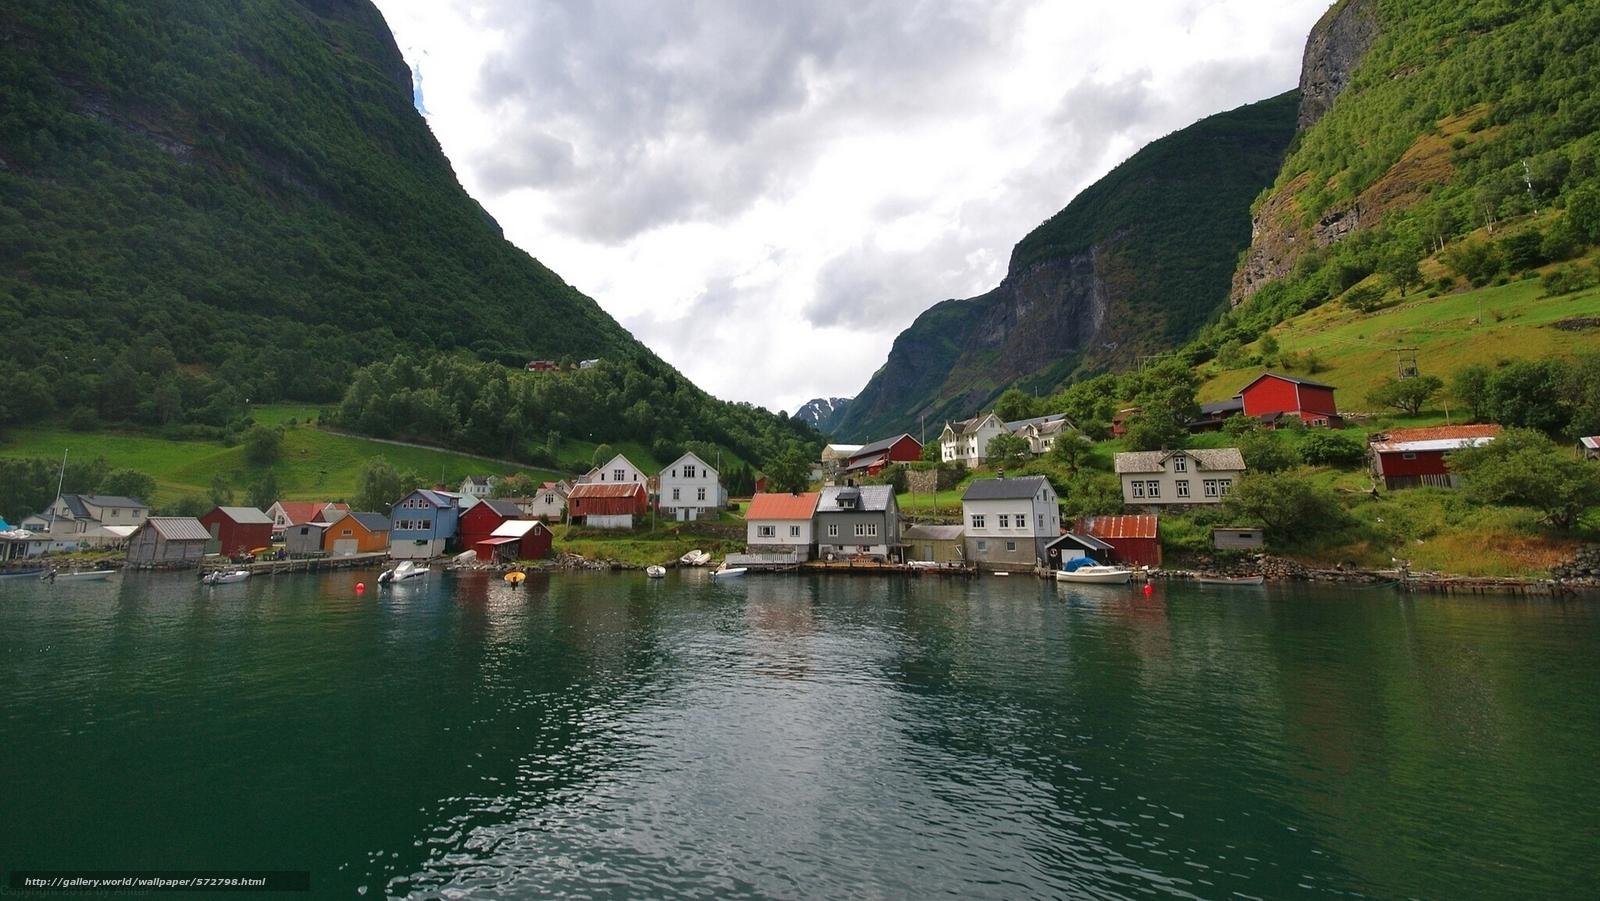 Скачать обои Норвегия,  деревня,  фьорд,  домики бесплатно для рабочего стола в разрешении 1920x1081 — картинка №572798